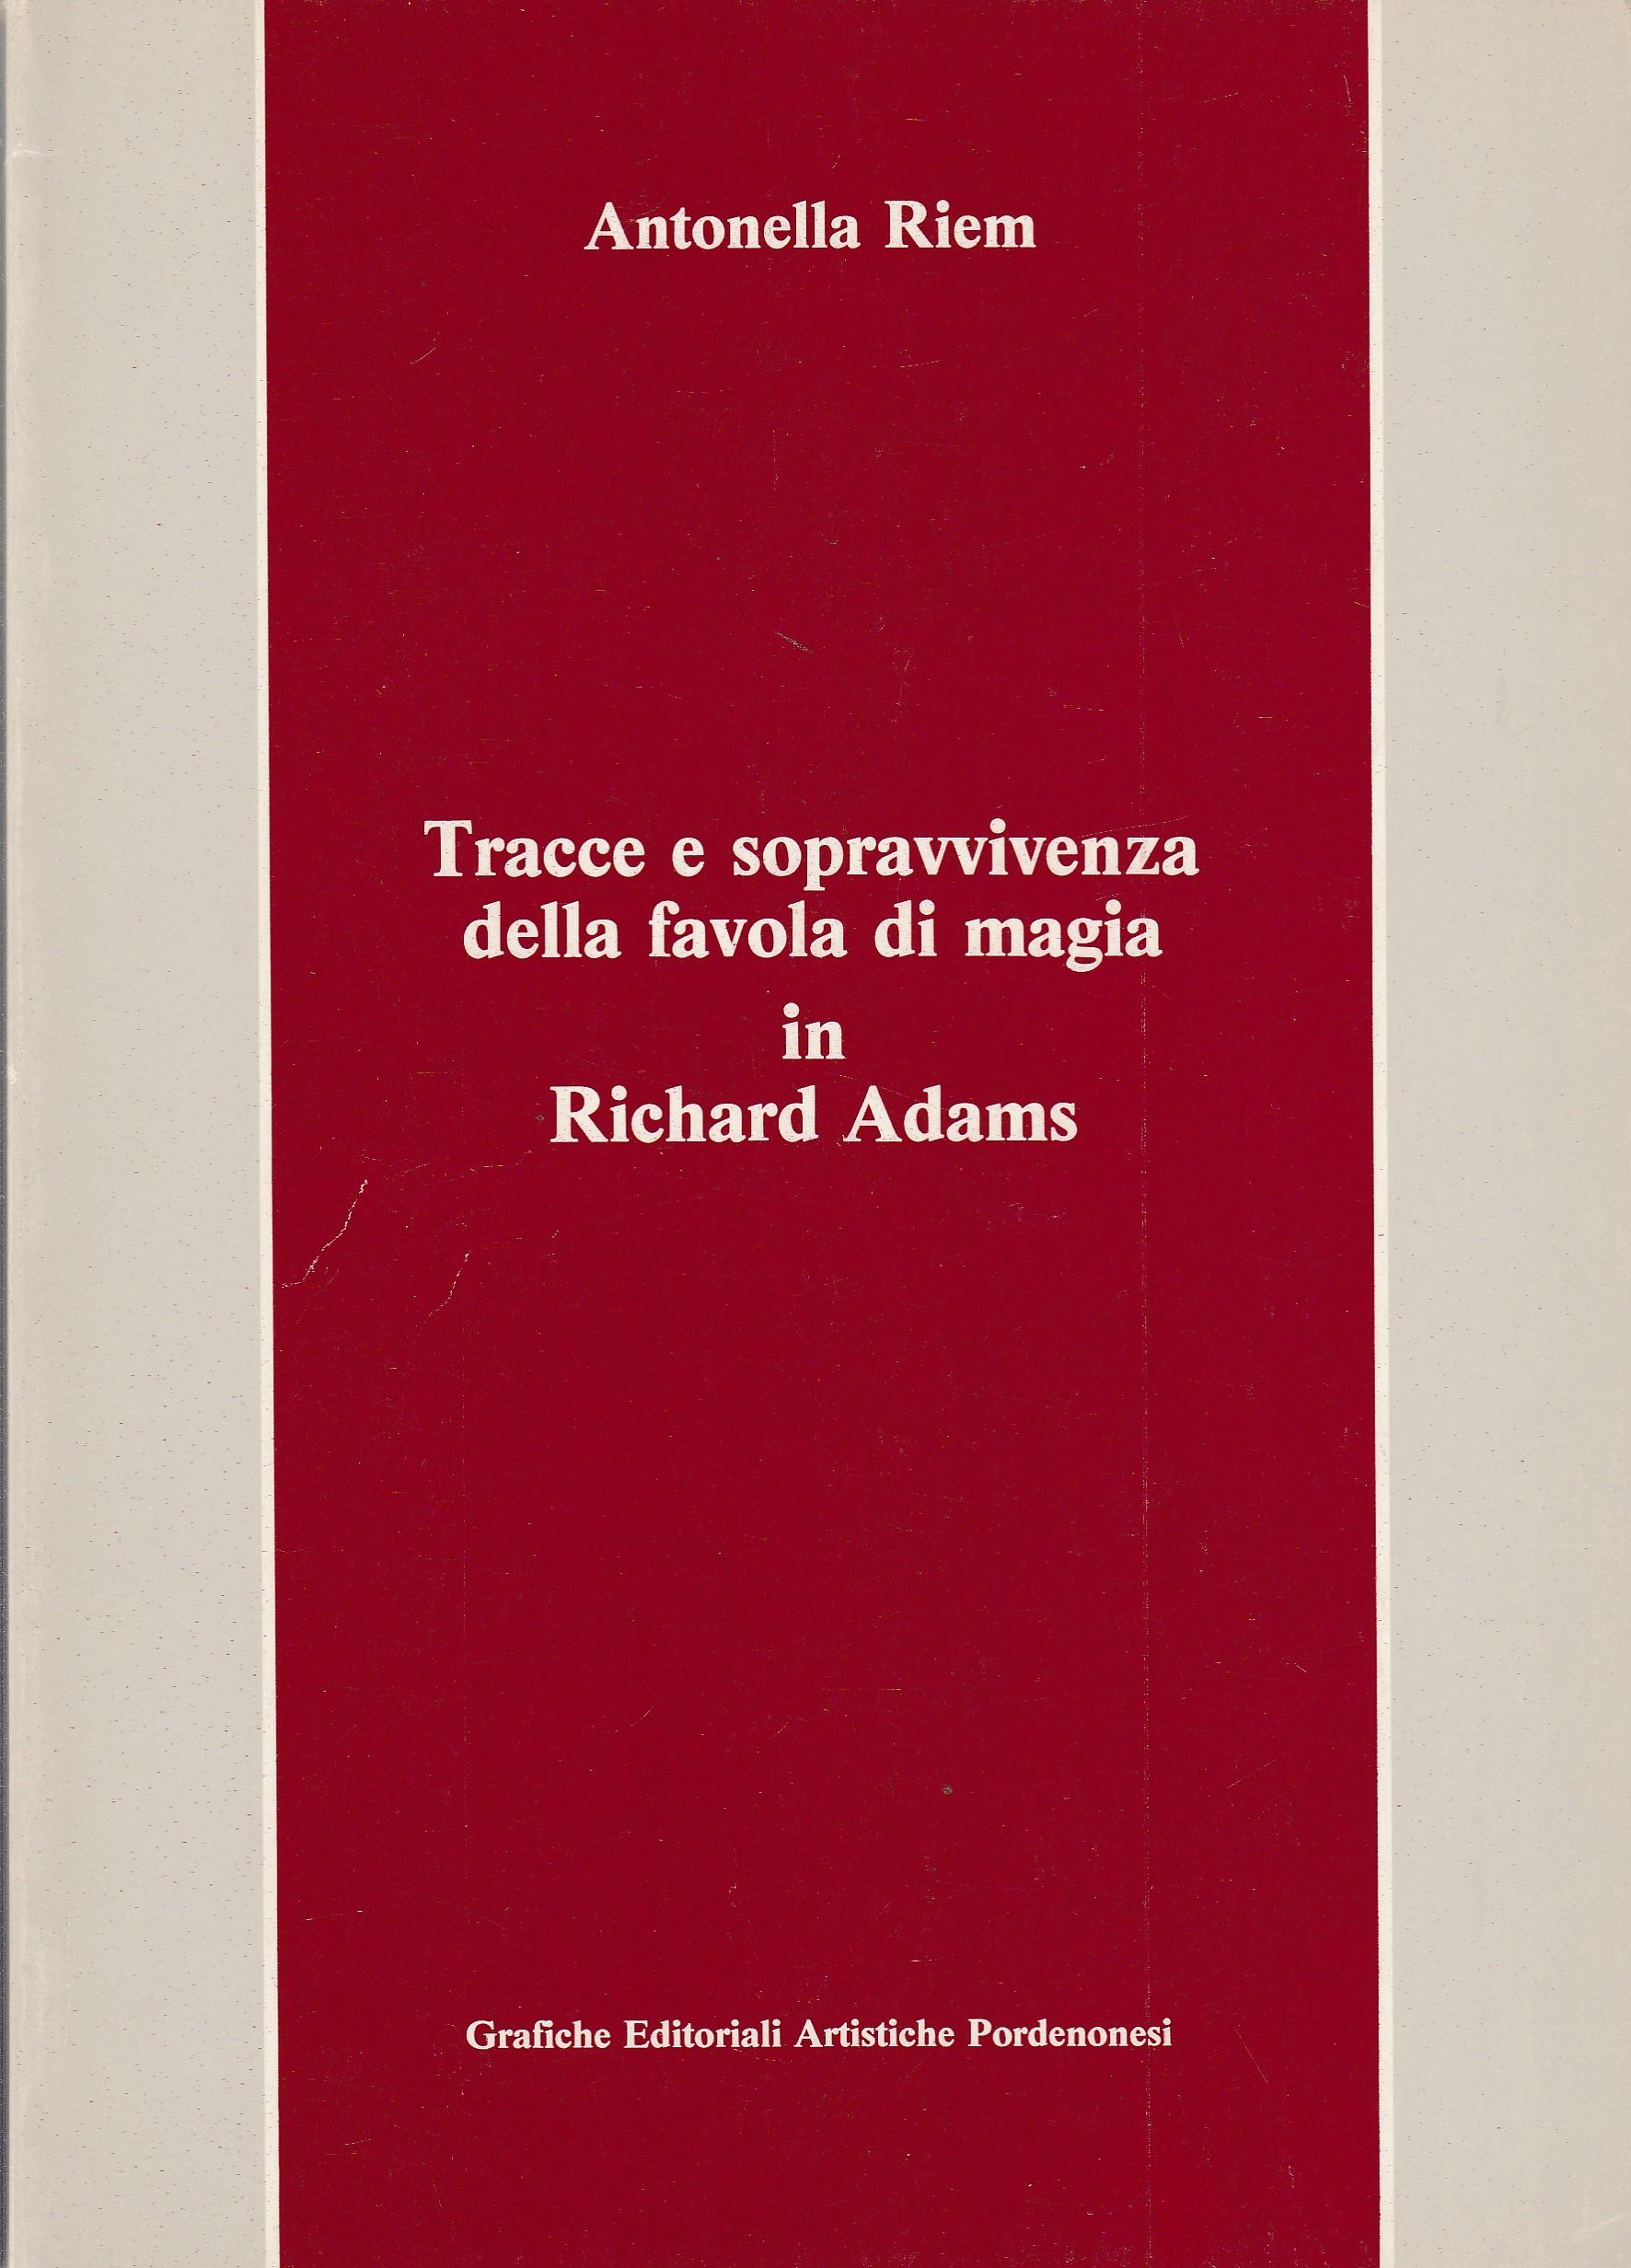 Tracce e sopravvivenza della favola di magia in Richard Adams